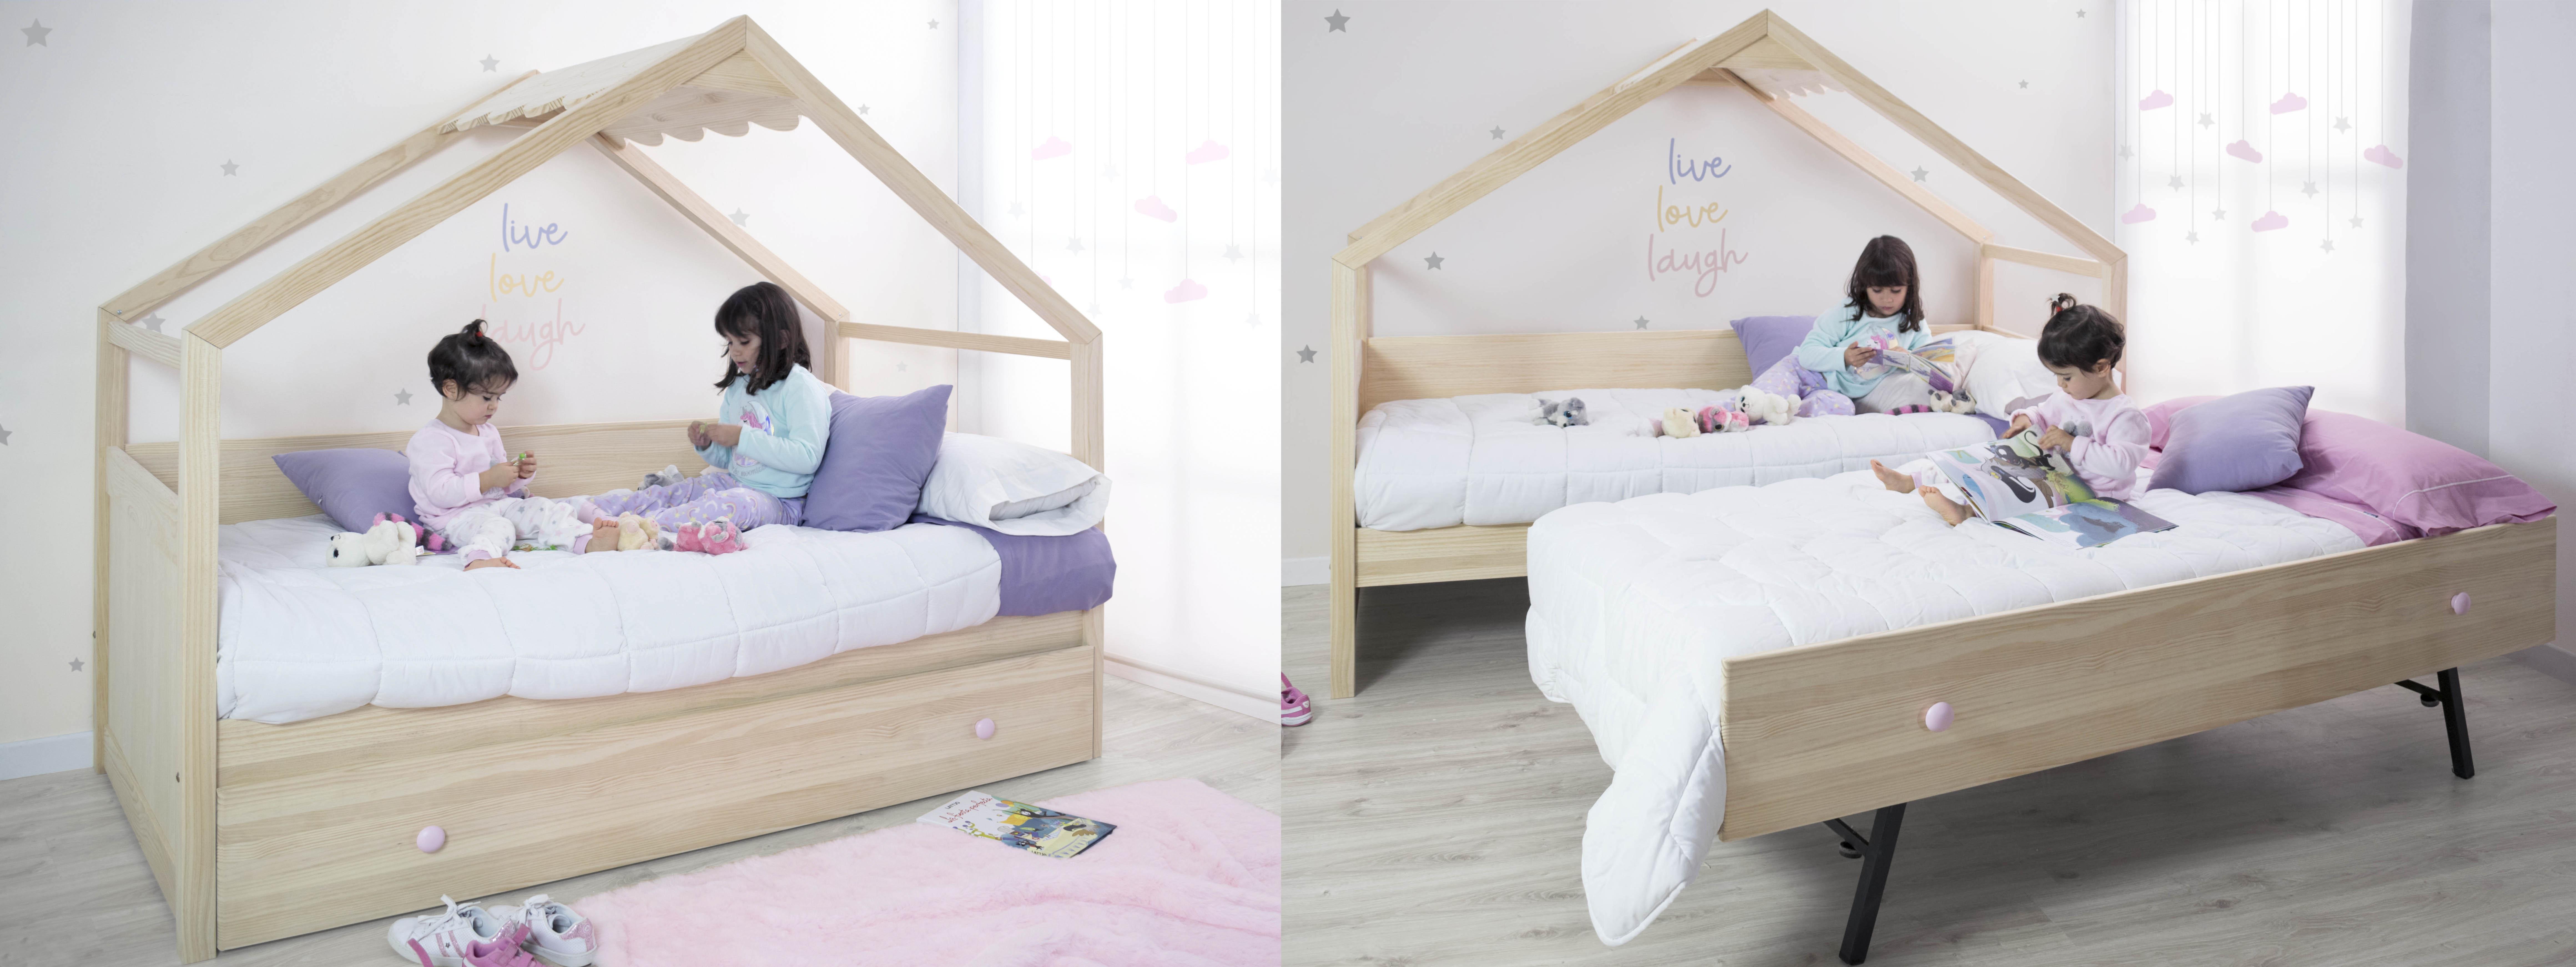 Cama nido casita de madera. Sin barrera quitamiedos. Cama para niños y niñas